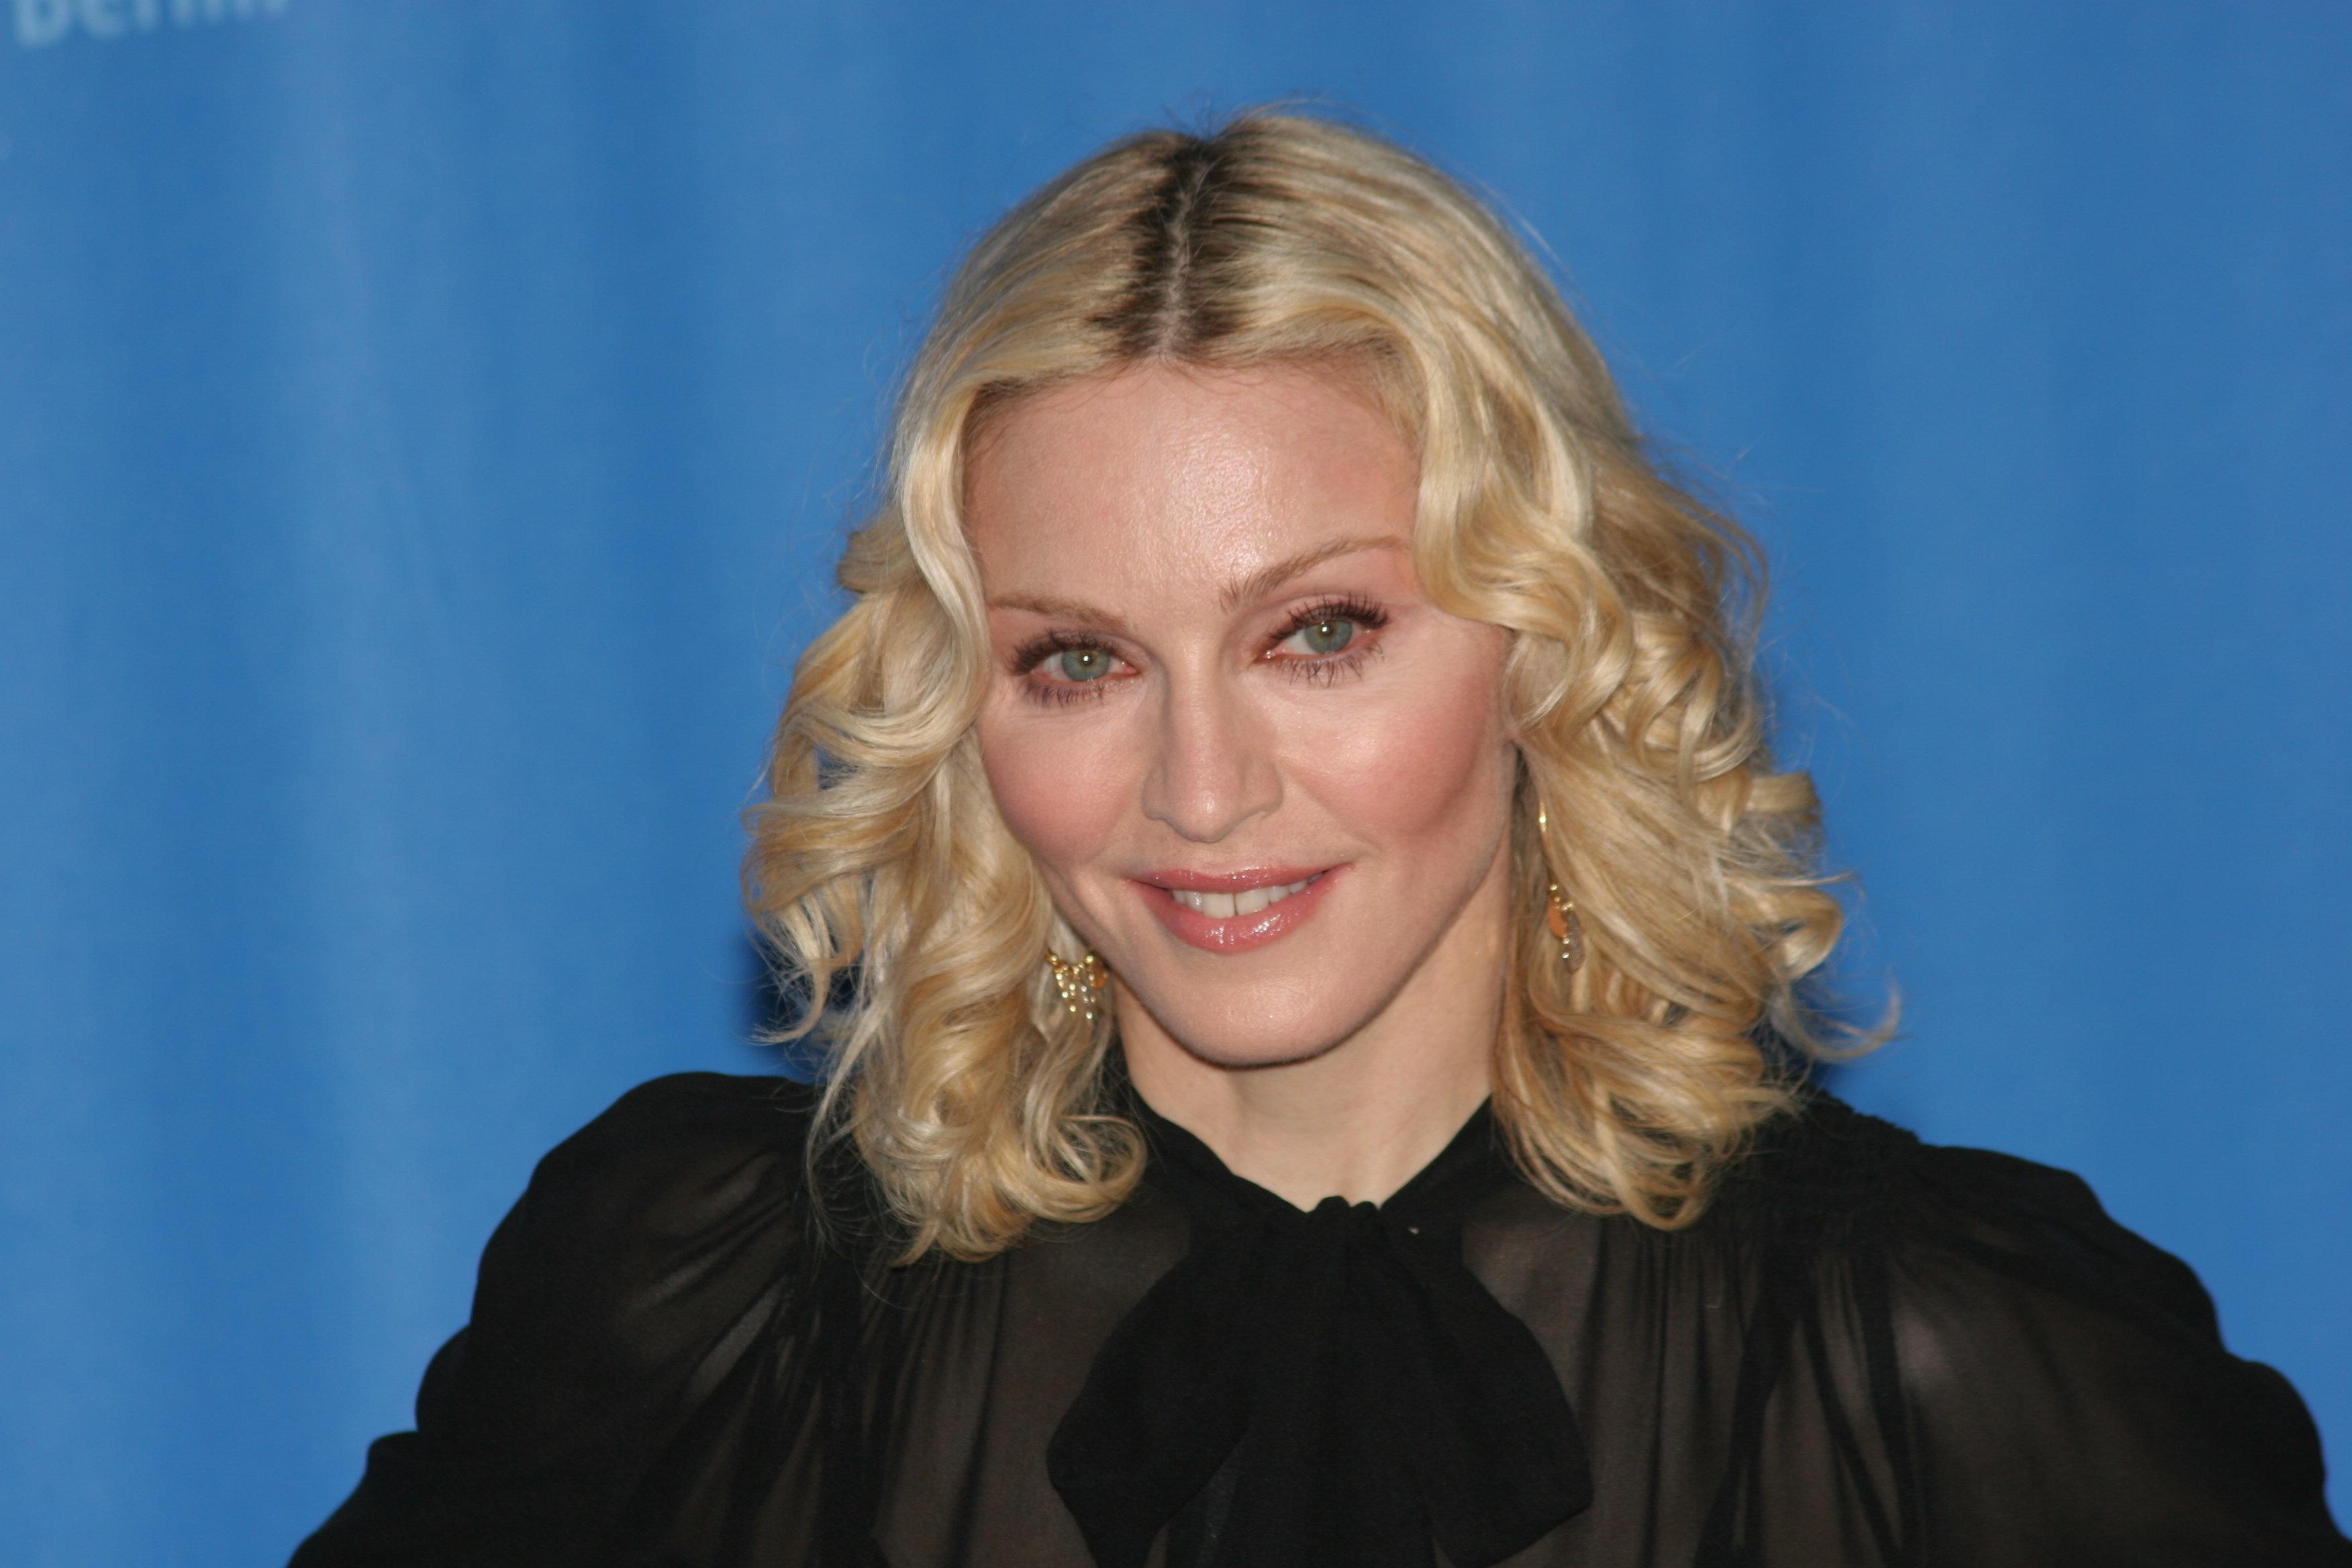 Η Madonna είναι αποφασισμένη να αλλάξει τον κόσμο ανοίγοντας σχολεία στο